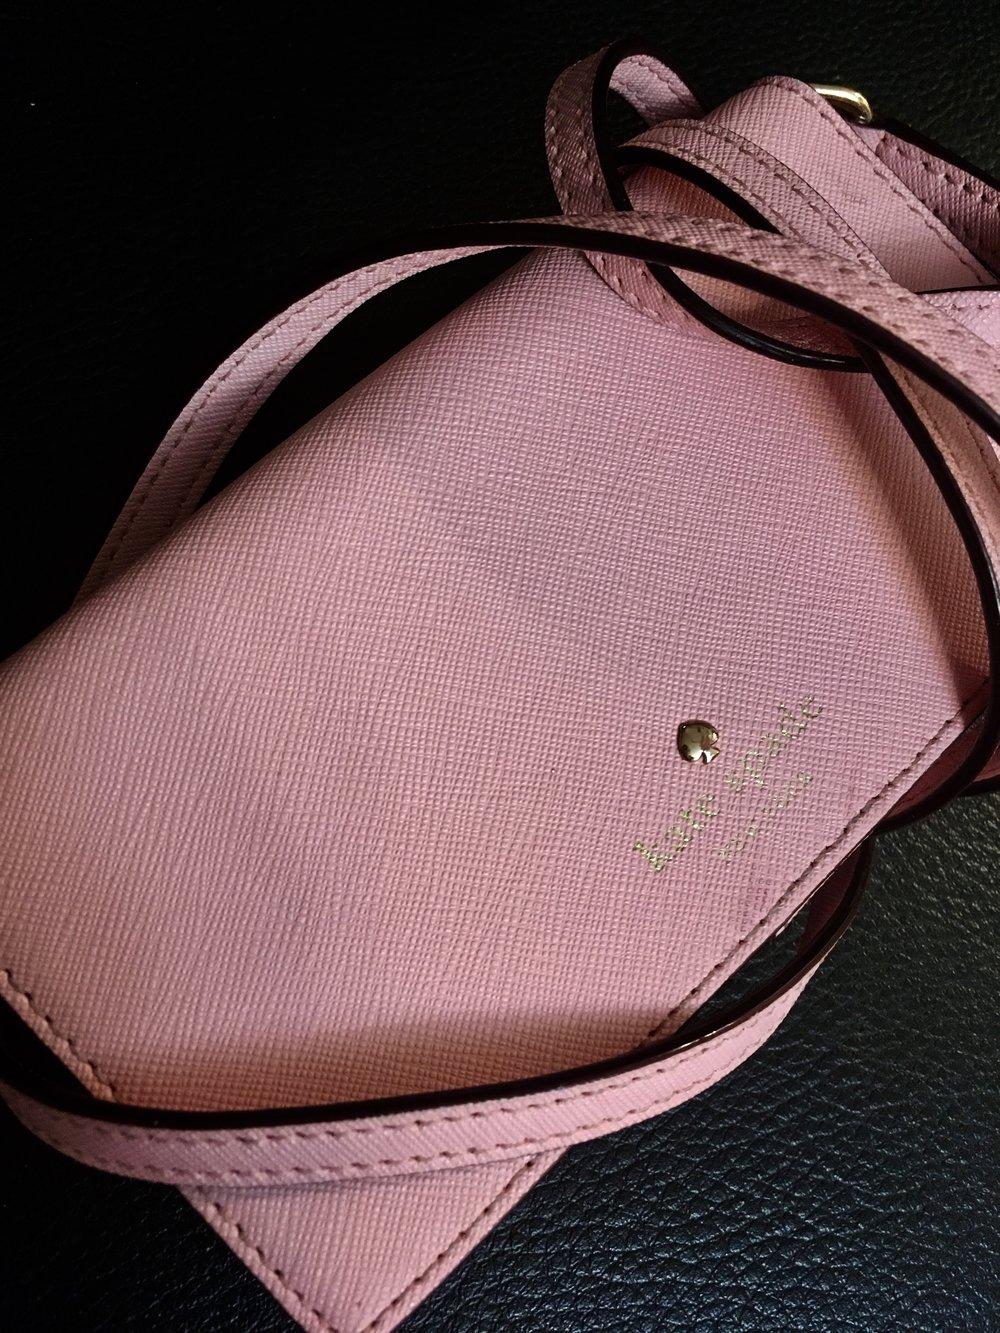 The ubiquitous pink wallet/purse